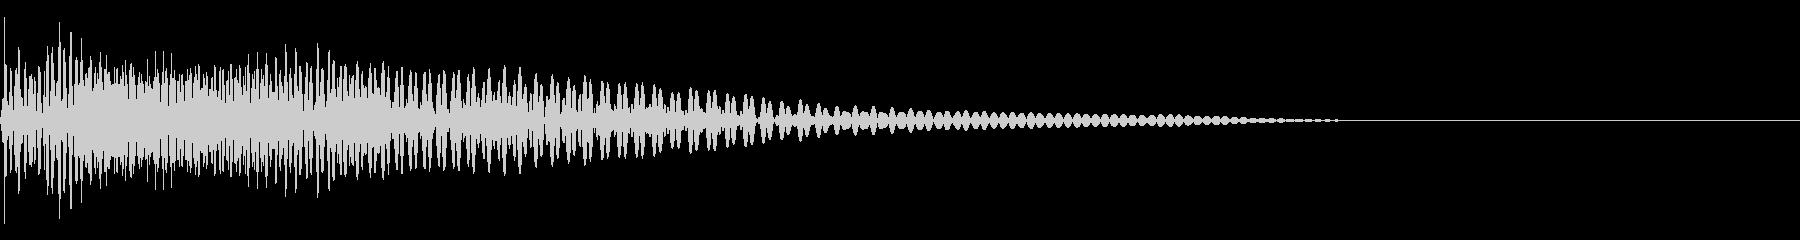 ベース/ドゥーン/ネックスライド/A06の未再生の波形